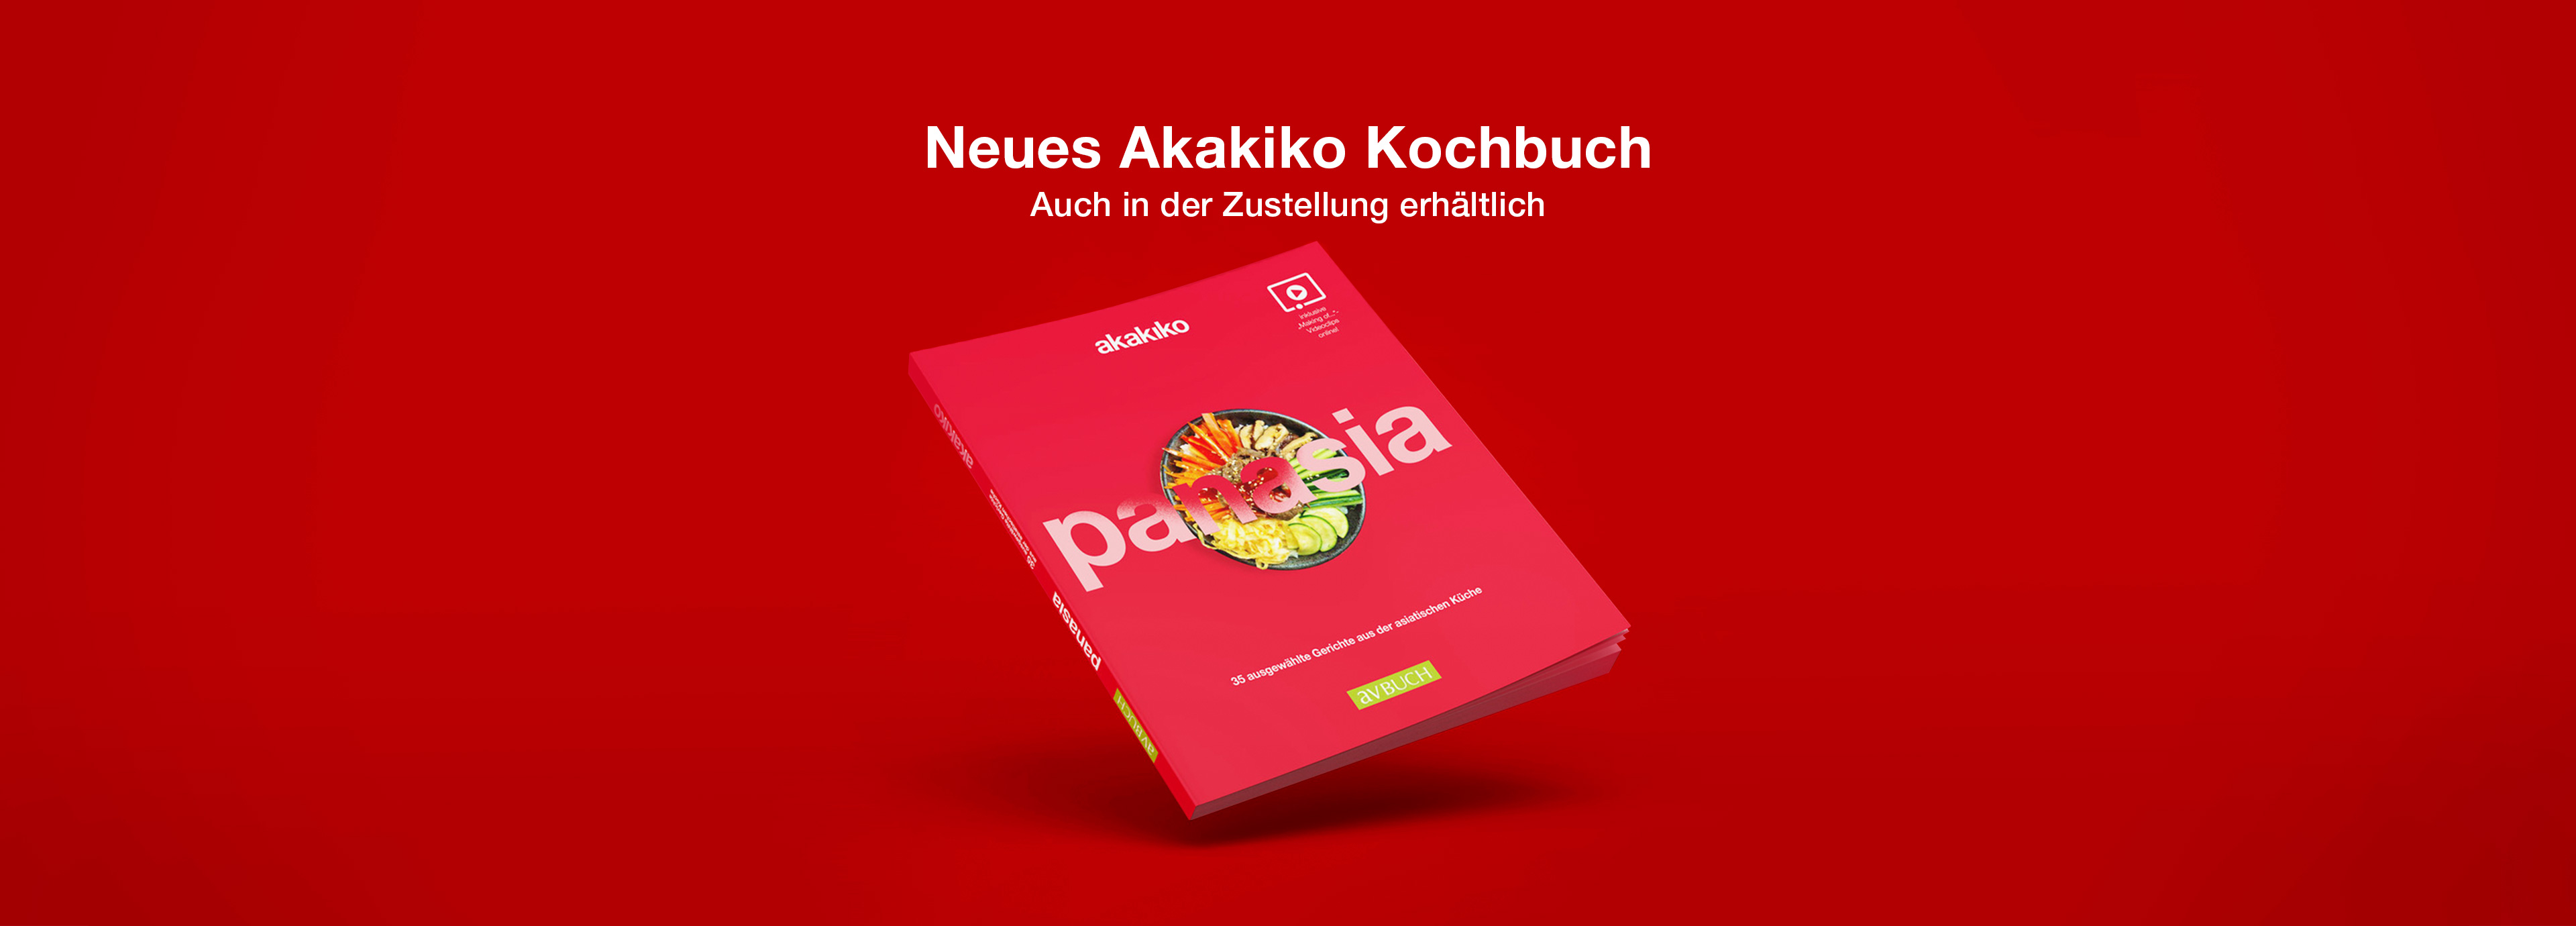 Akakiko entwickelt ständig neue Speisen und Beilagen, da es den Köchen Freude bereitet, auf asiatische Weise Abwechslung zu bieten. Der multikulturelle Hintergrund der Mitarbeiter hilft dabei sehr – sie stammen aus über 20, vorwiegend asiatischen Ländern. Die beschriebenen Rezepte wurden über viele Jahre von erfahrenen Küchenchefs erarbeitet.